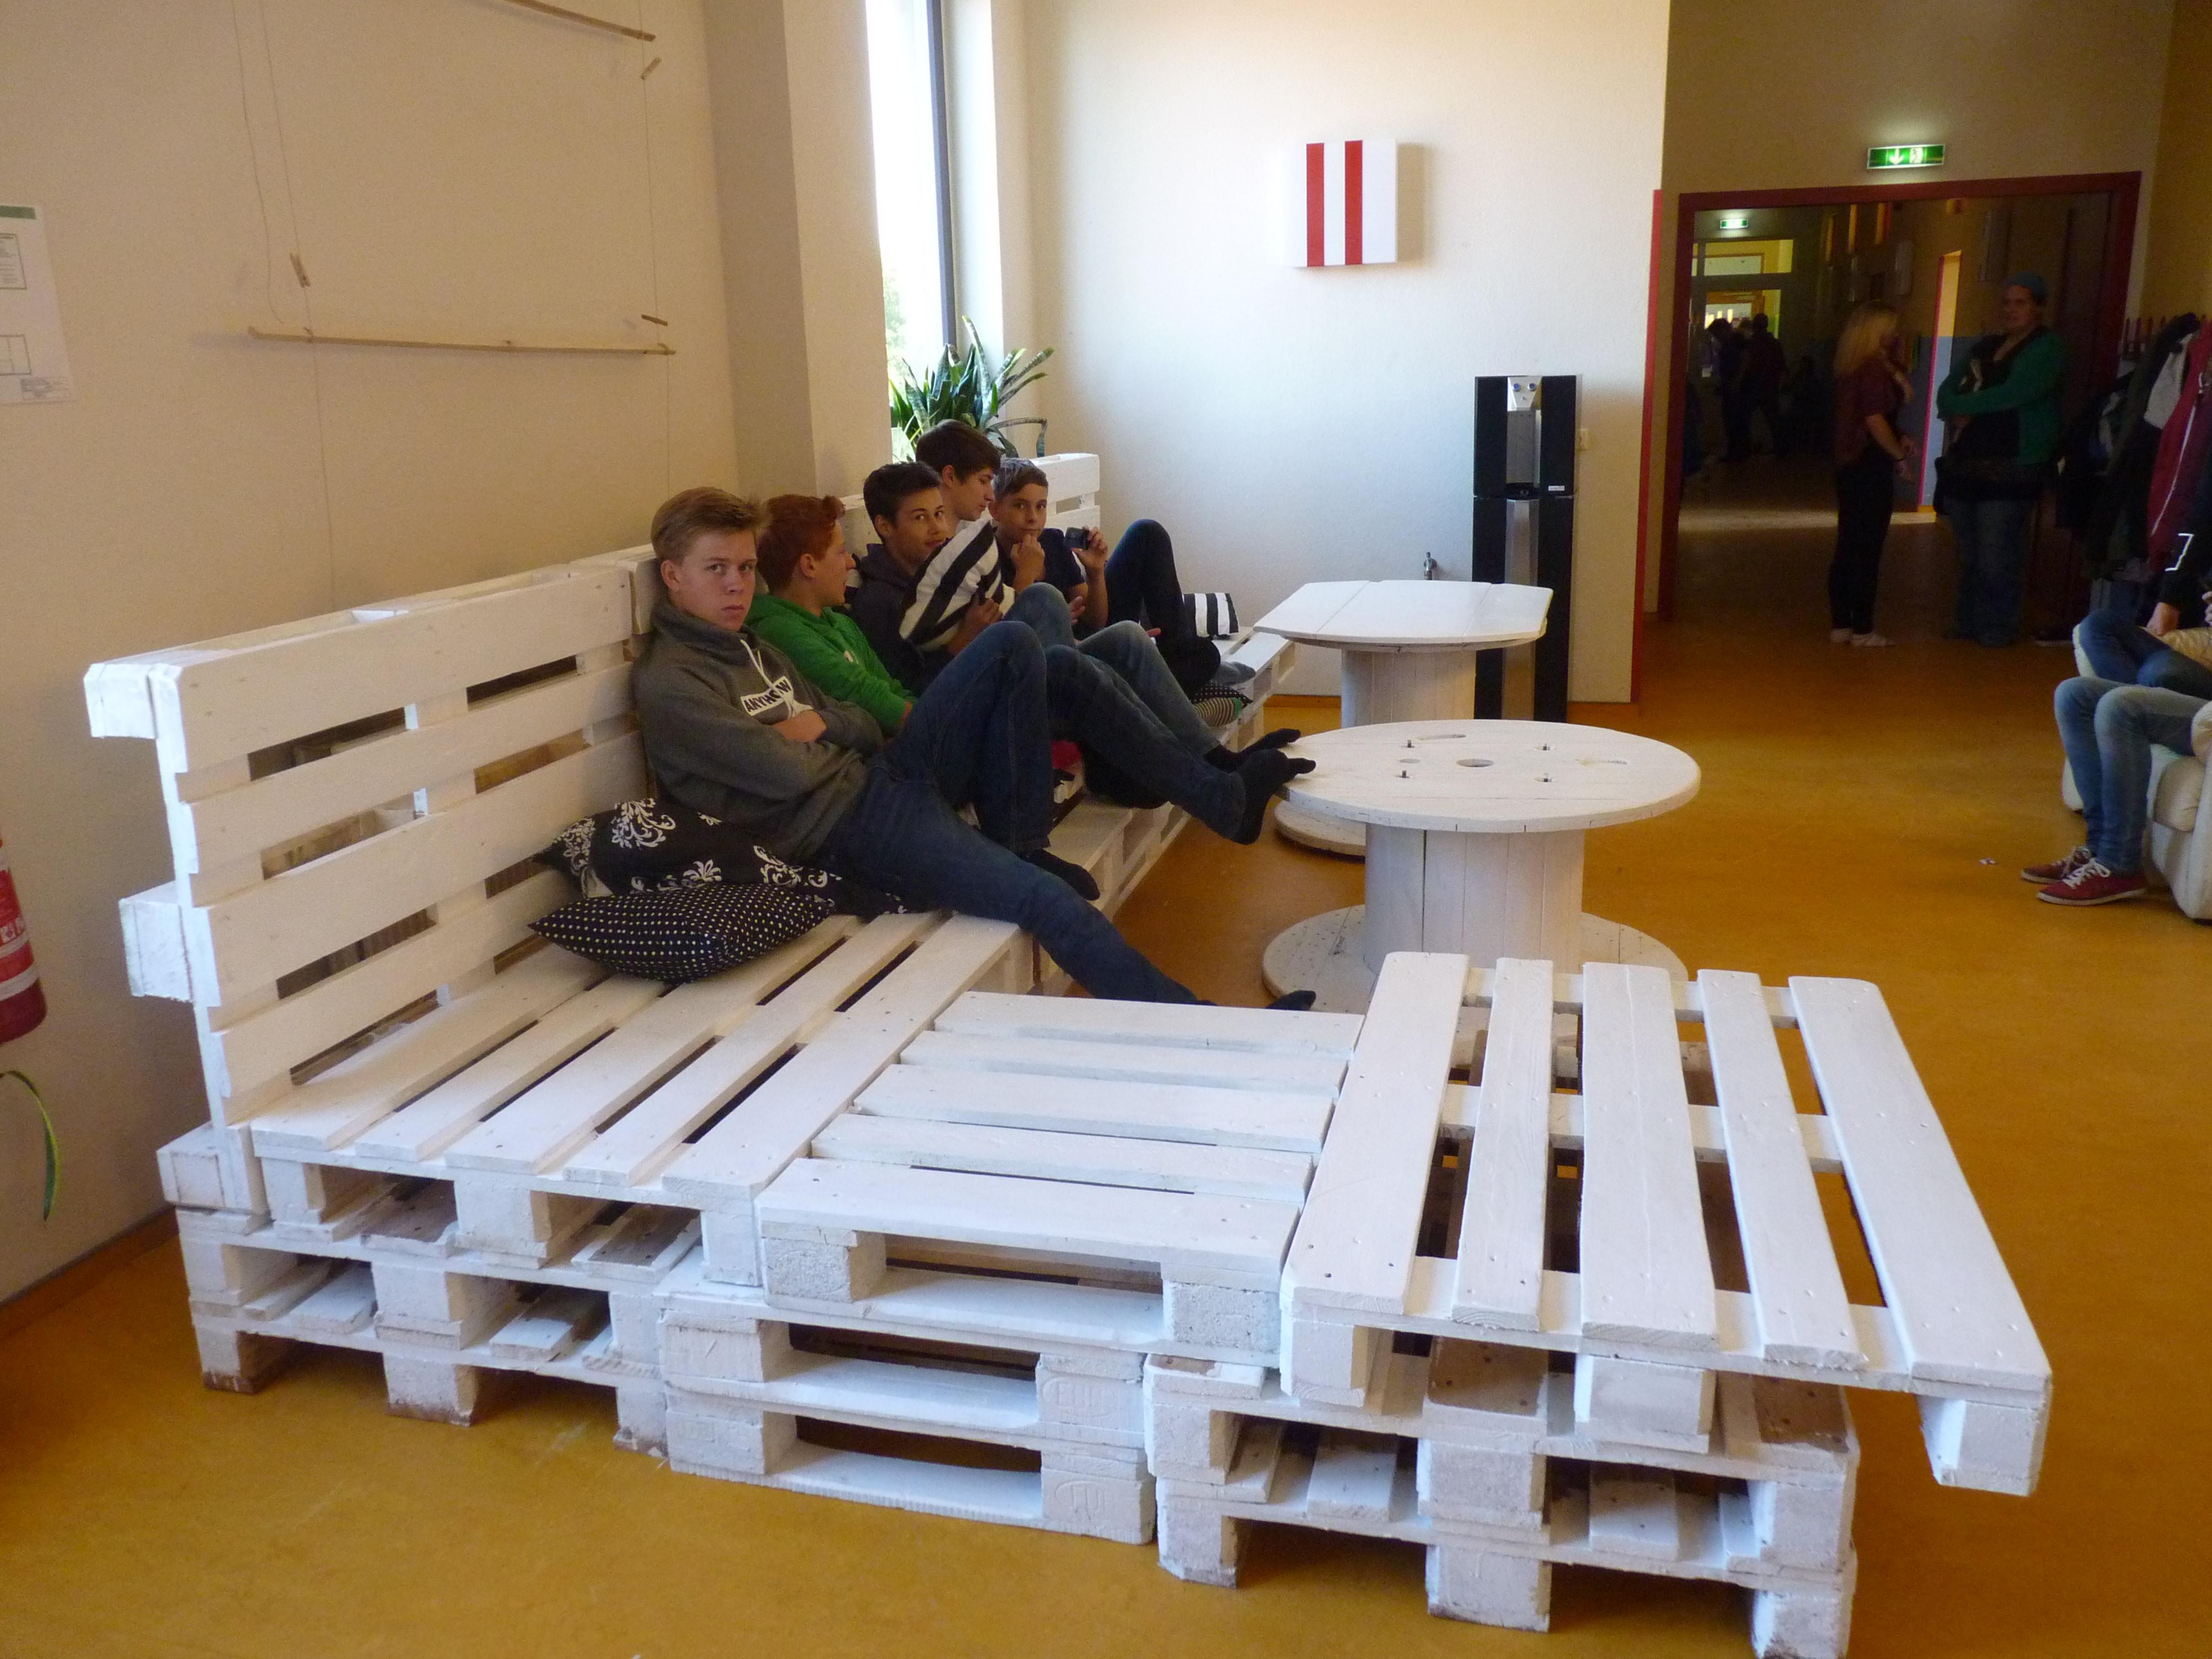 Palettencouch bauen – Freie Schule & KITA Kleckerburg